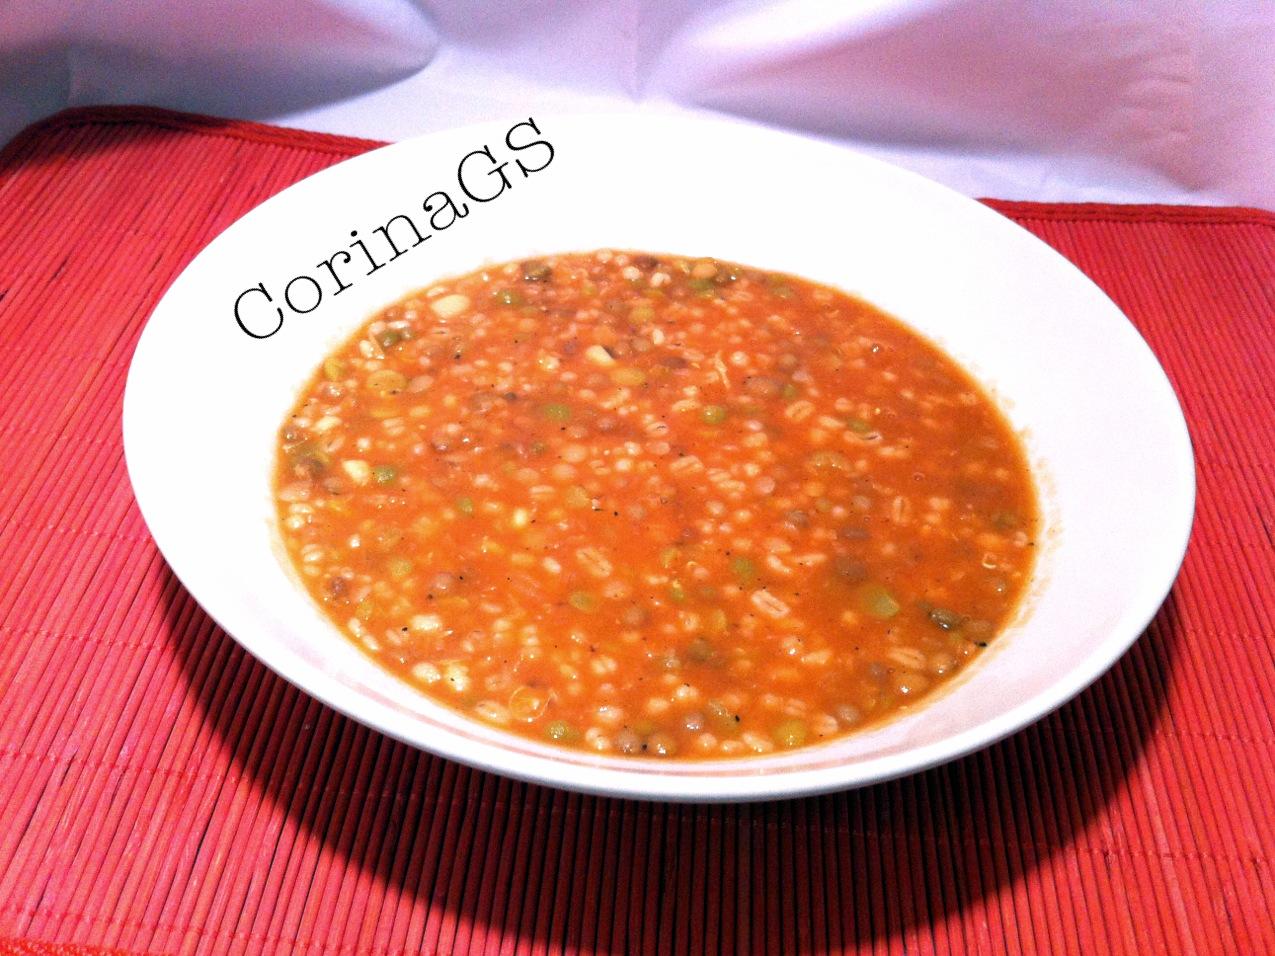 Zuppa legumi e orzo-CorinaGS